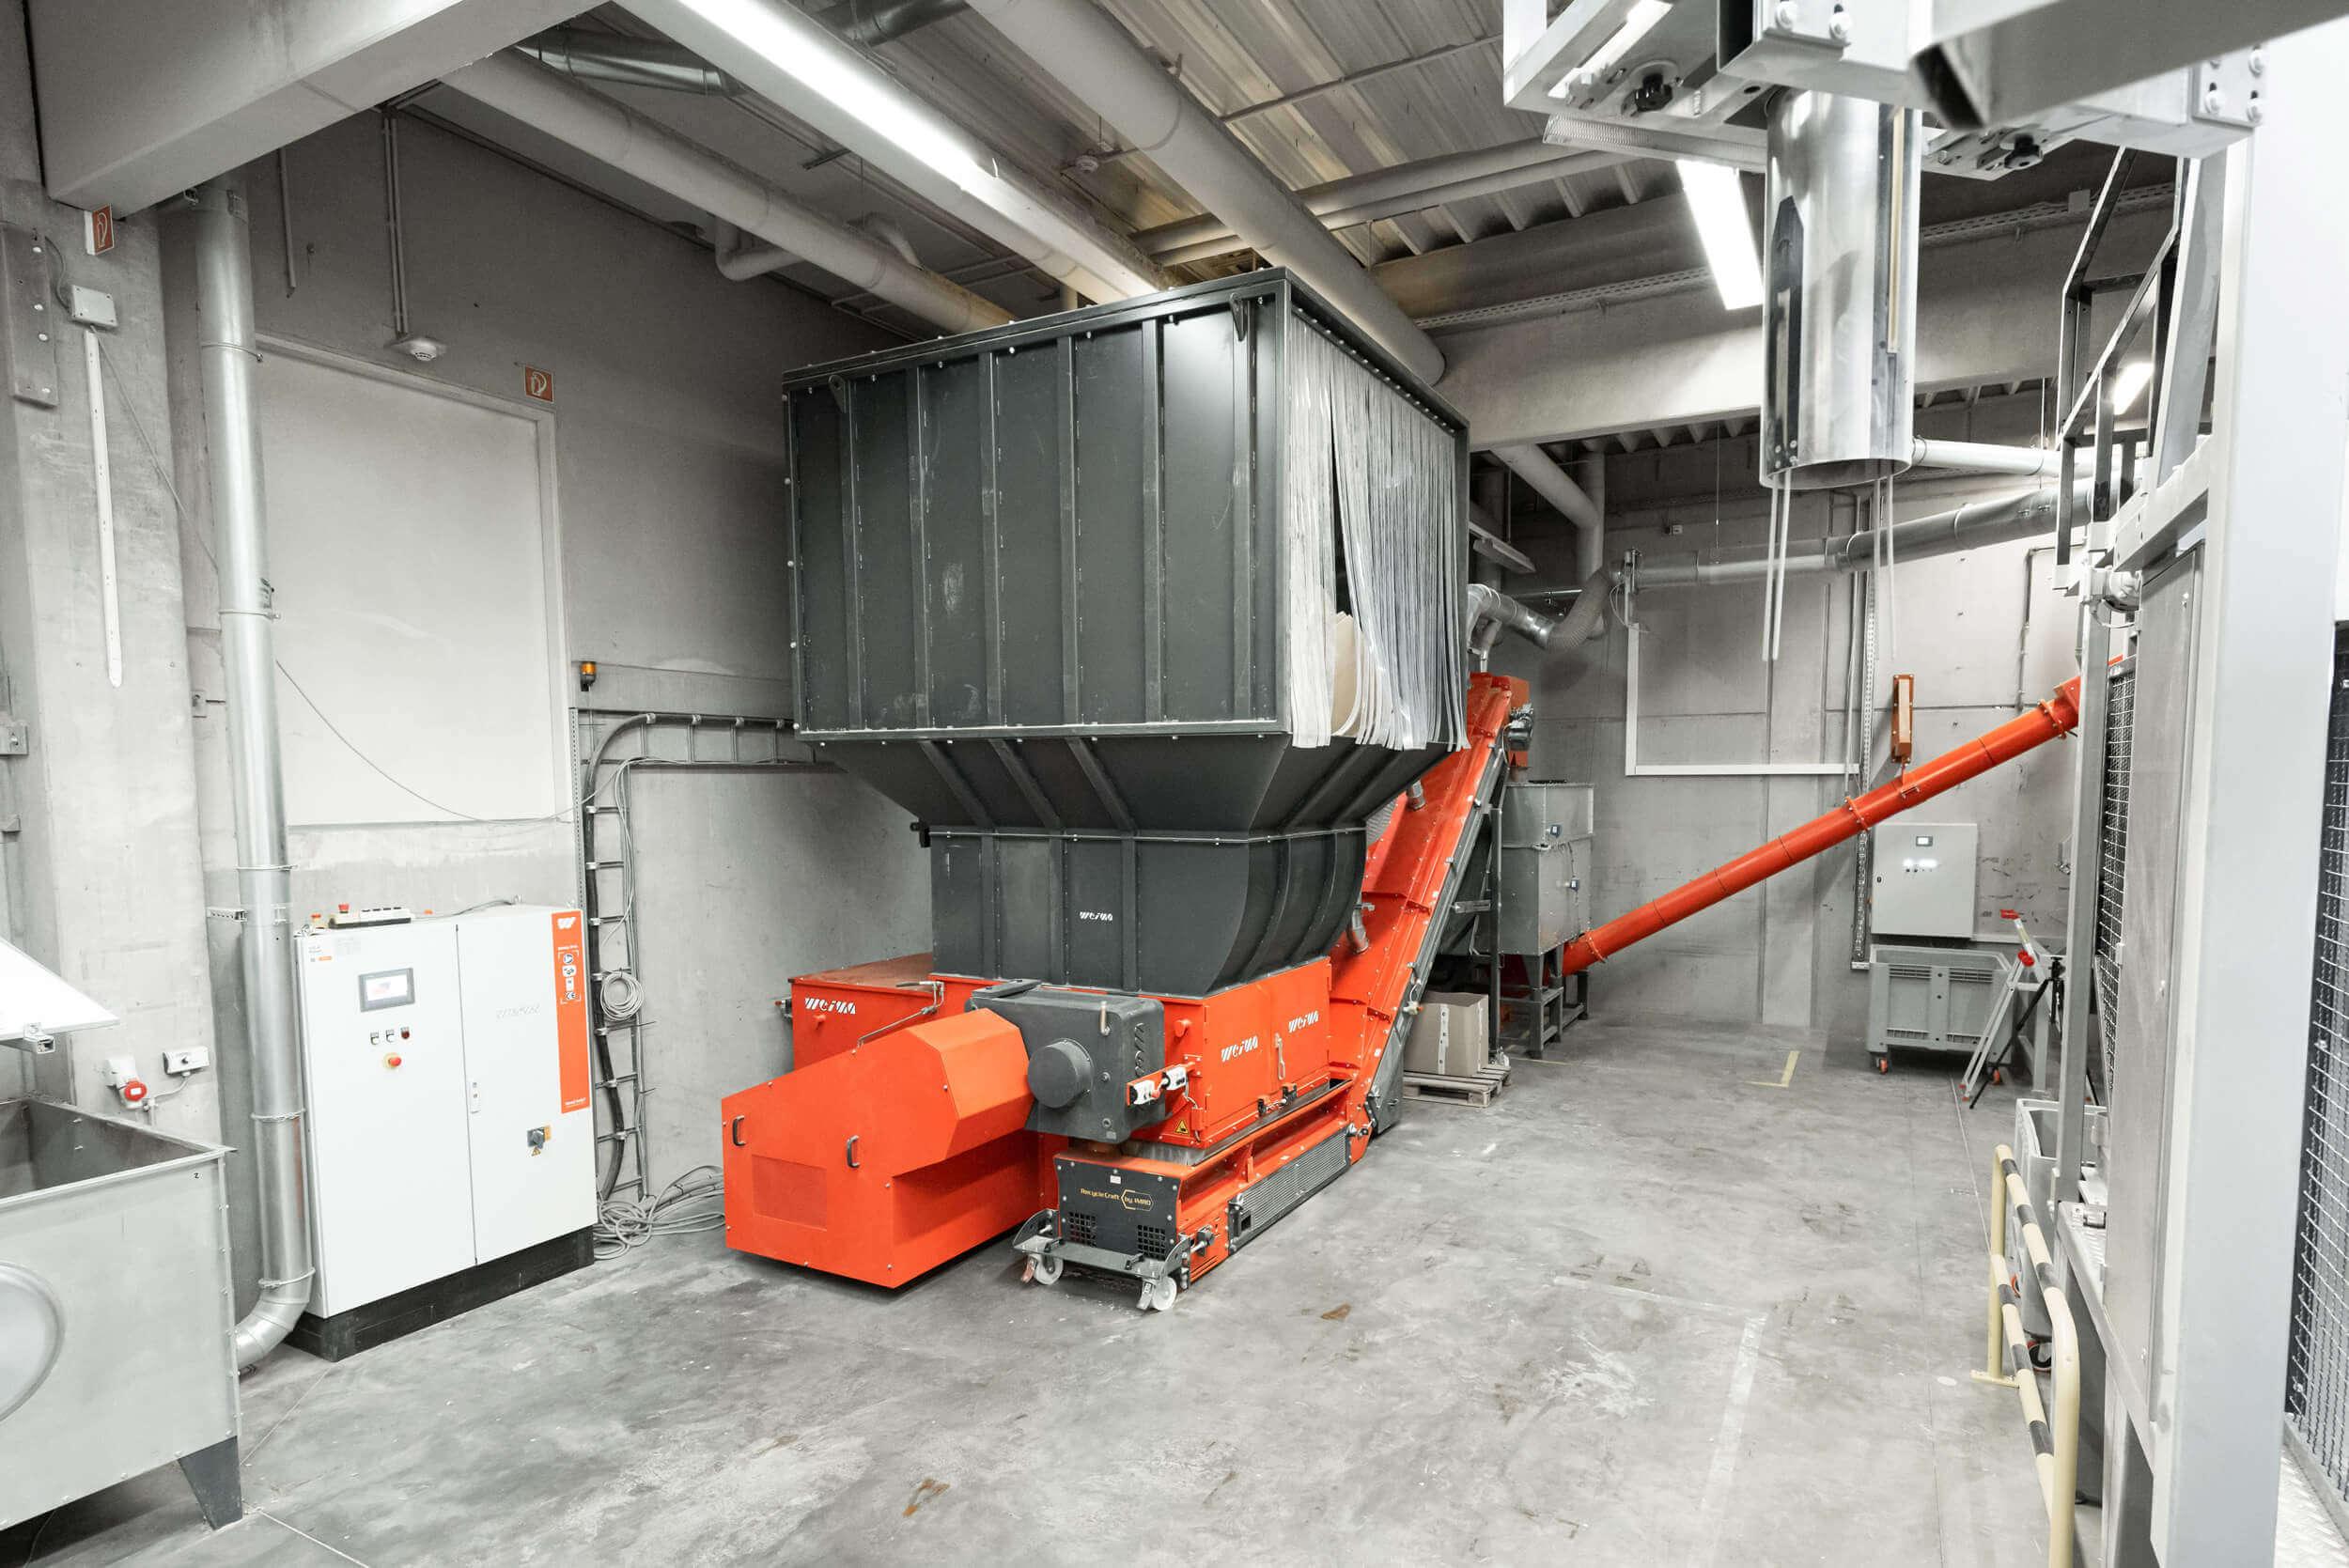 WEIMA lieferte eine Systemlösung mit Shredder, geschlossenem Förderband, Absaugstutzen, Dosieranlage